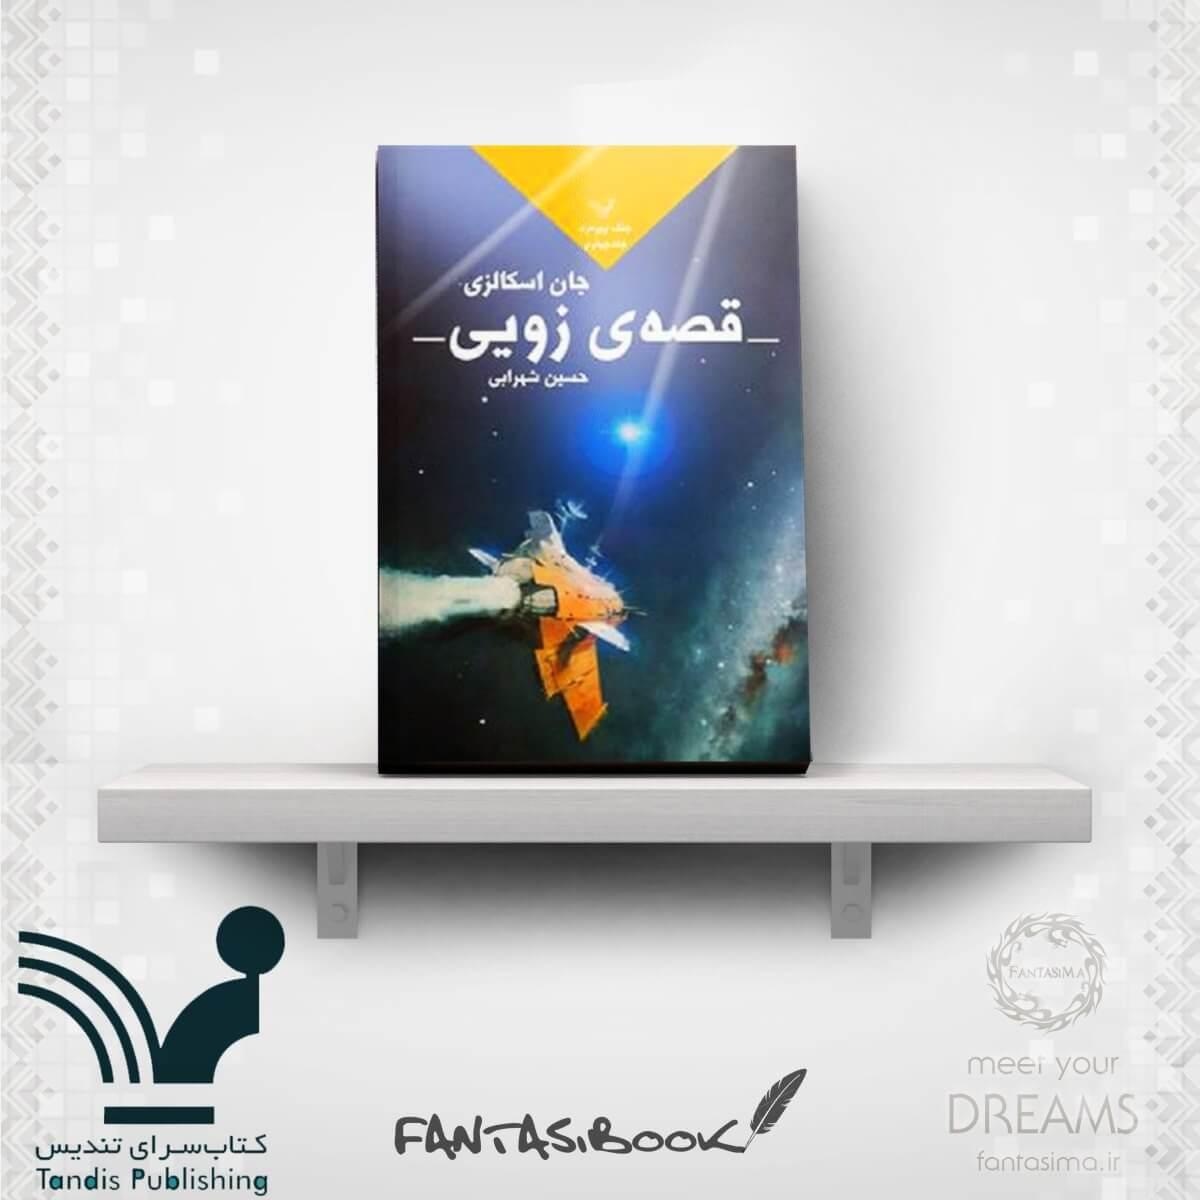 کتاب جنگ پیرمرد - جلد 4 - قصهی زویی